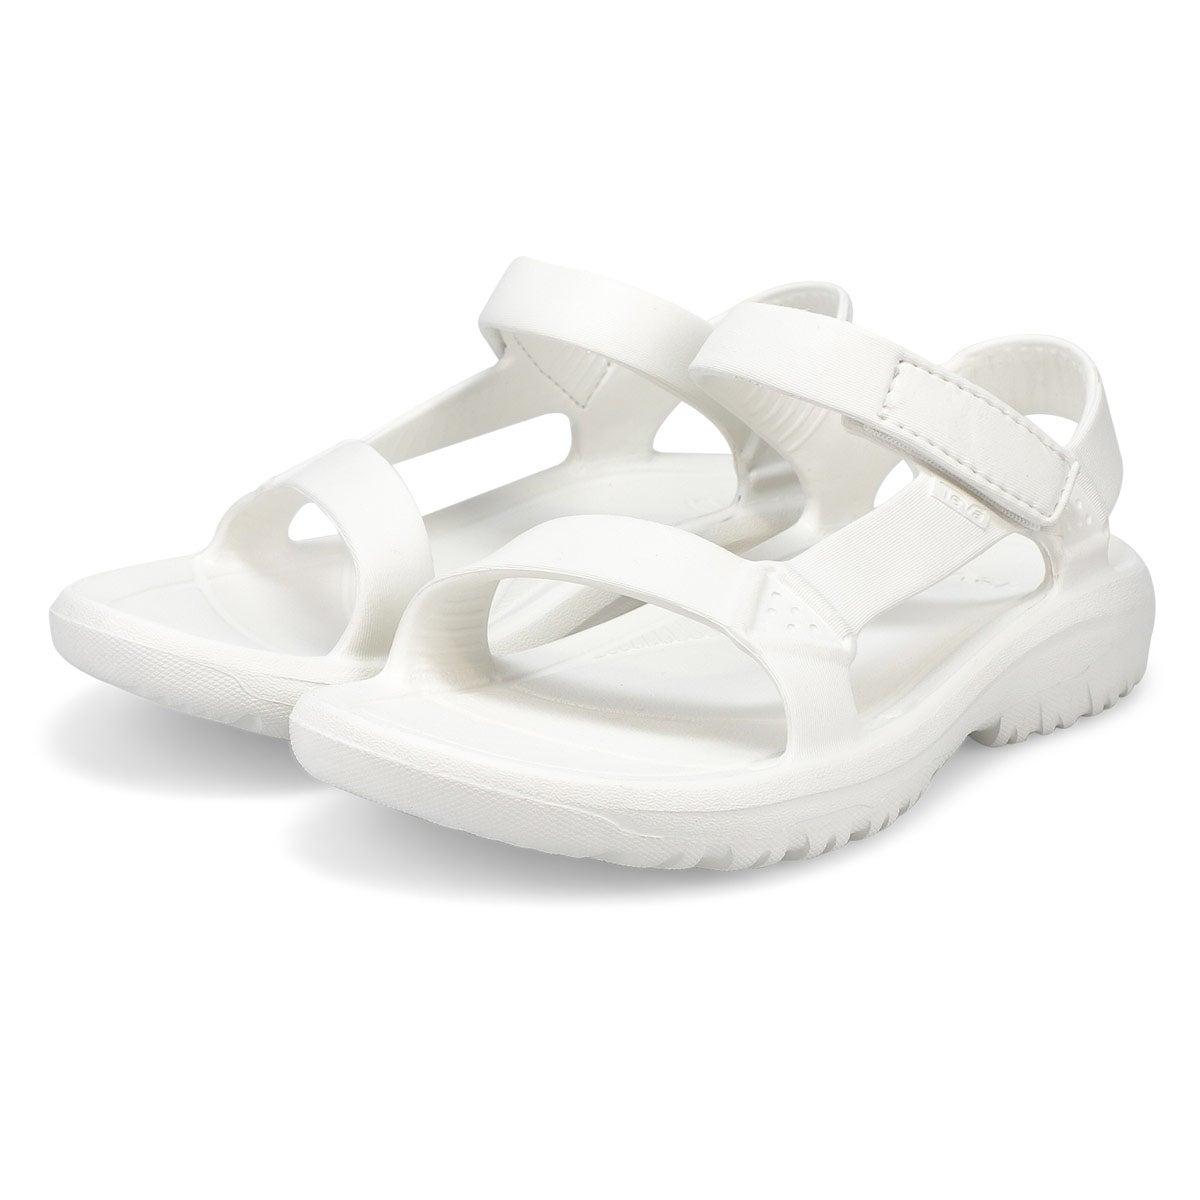 Women's Hurricane Drift Sport Sandal - White